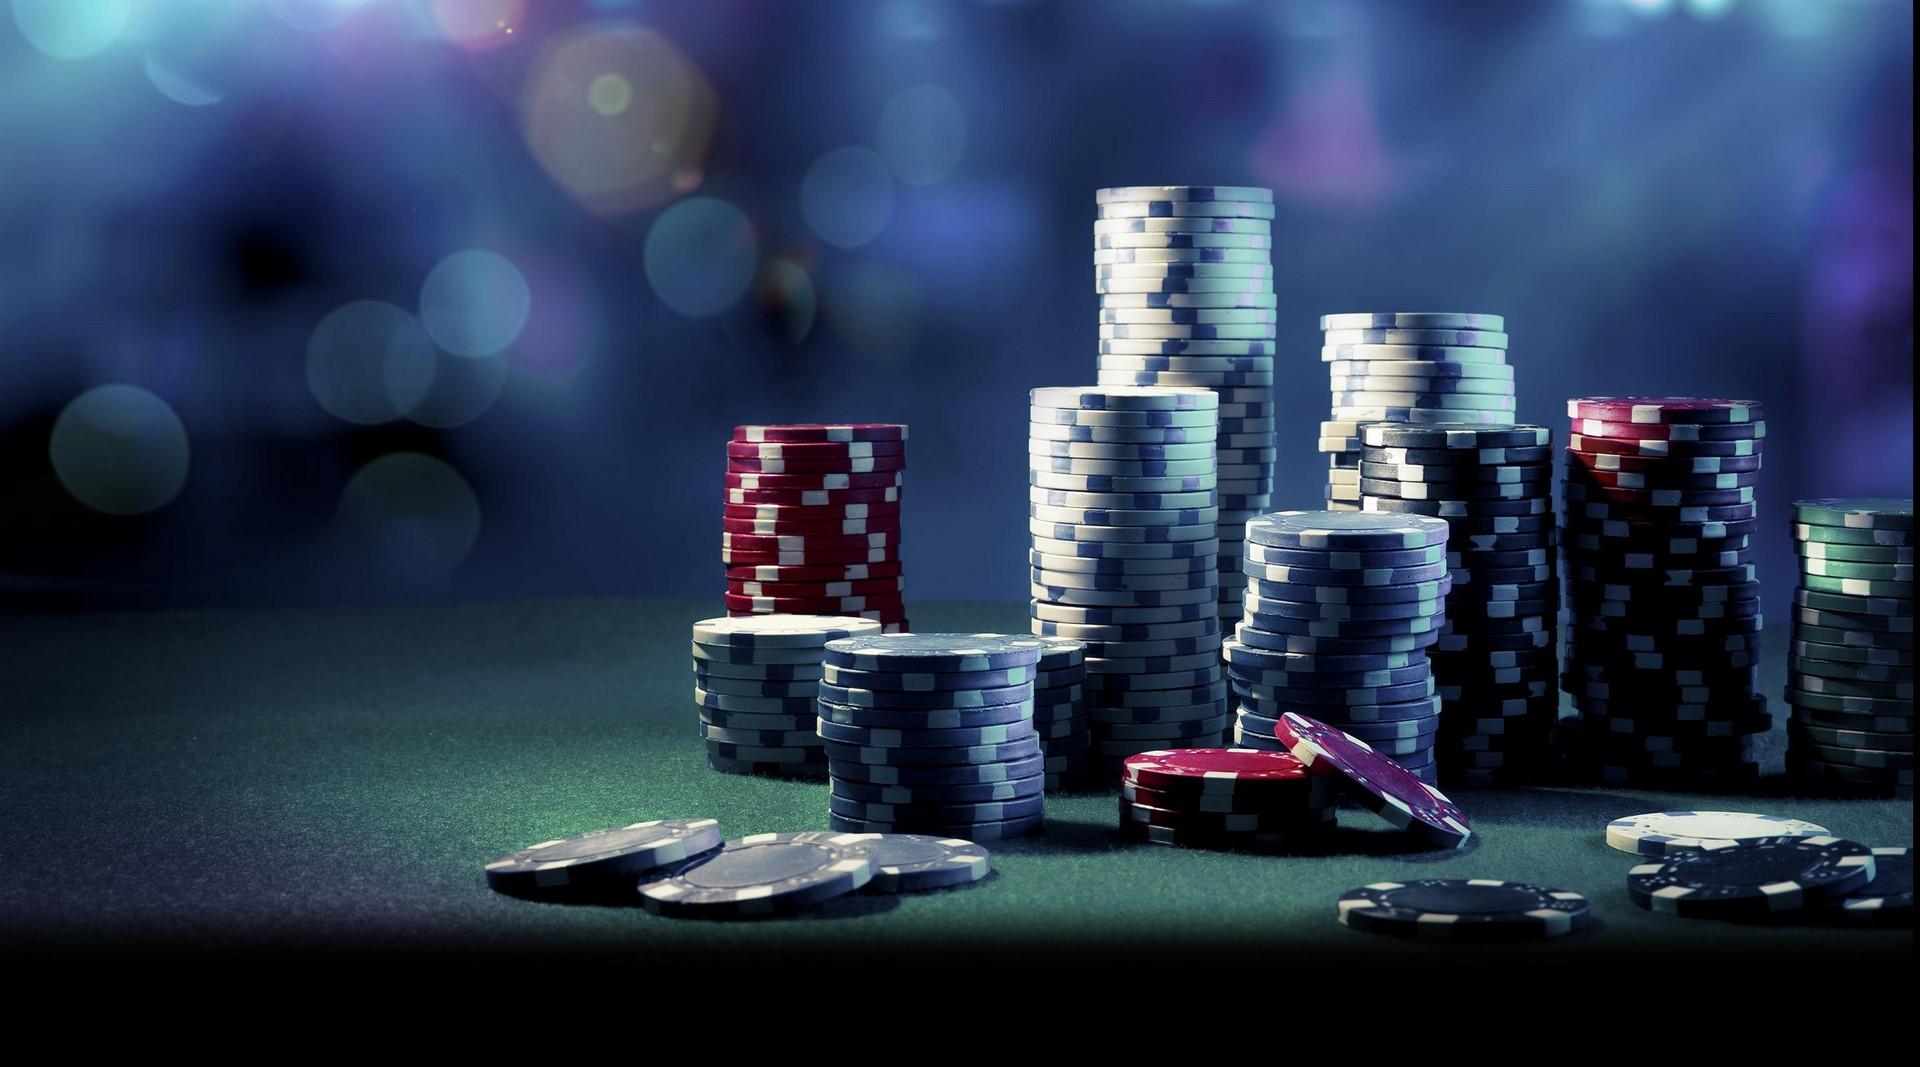 Kelebihan Yang Hanya Ada Situs Poker Online